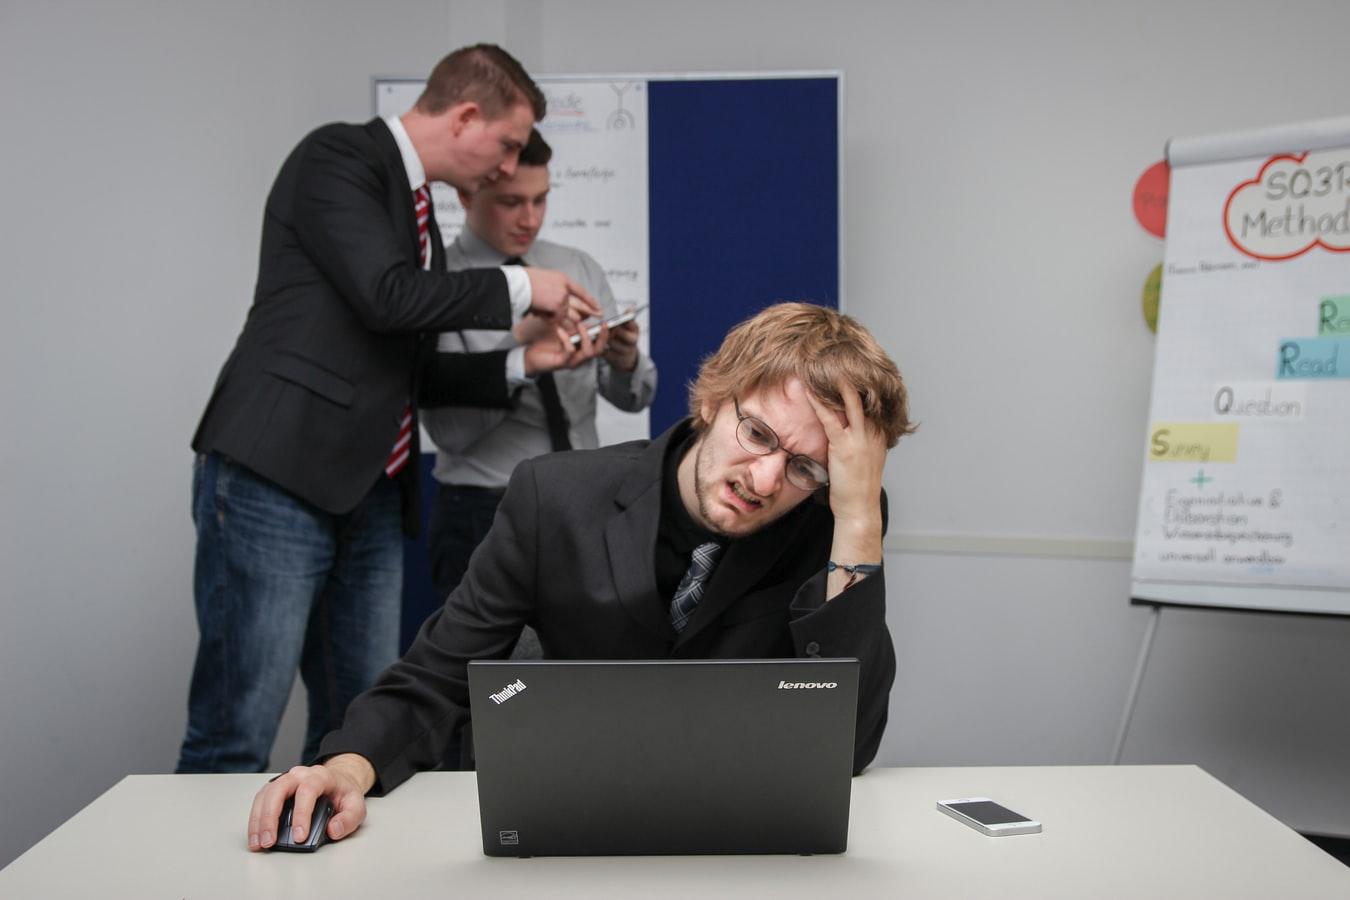 売上を上げる方法~誰でも売れる営業方法を解説!